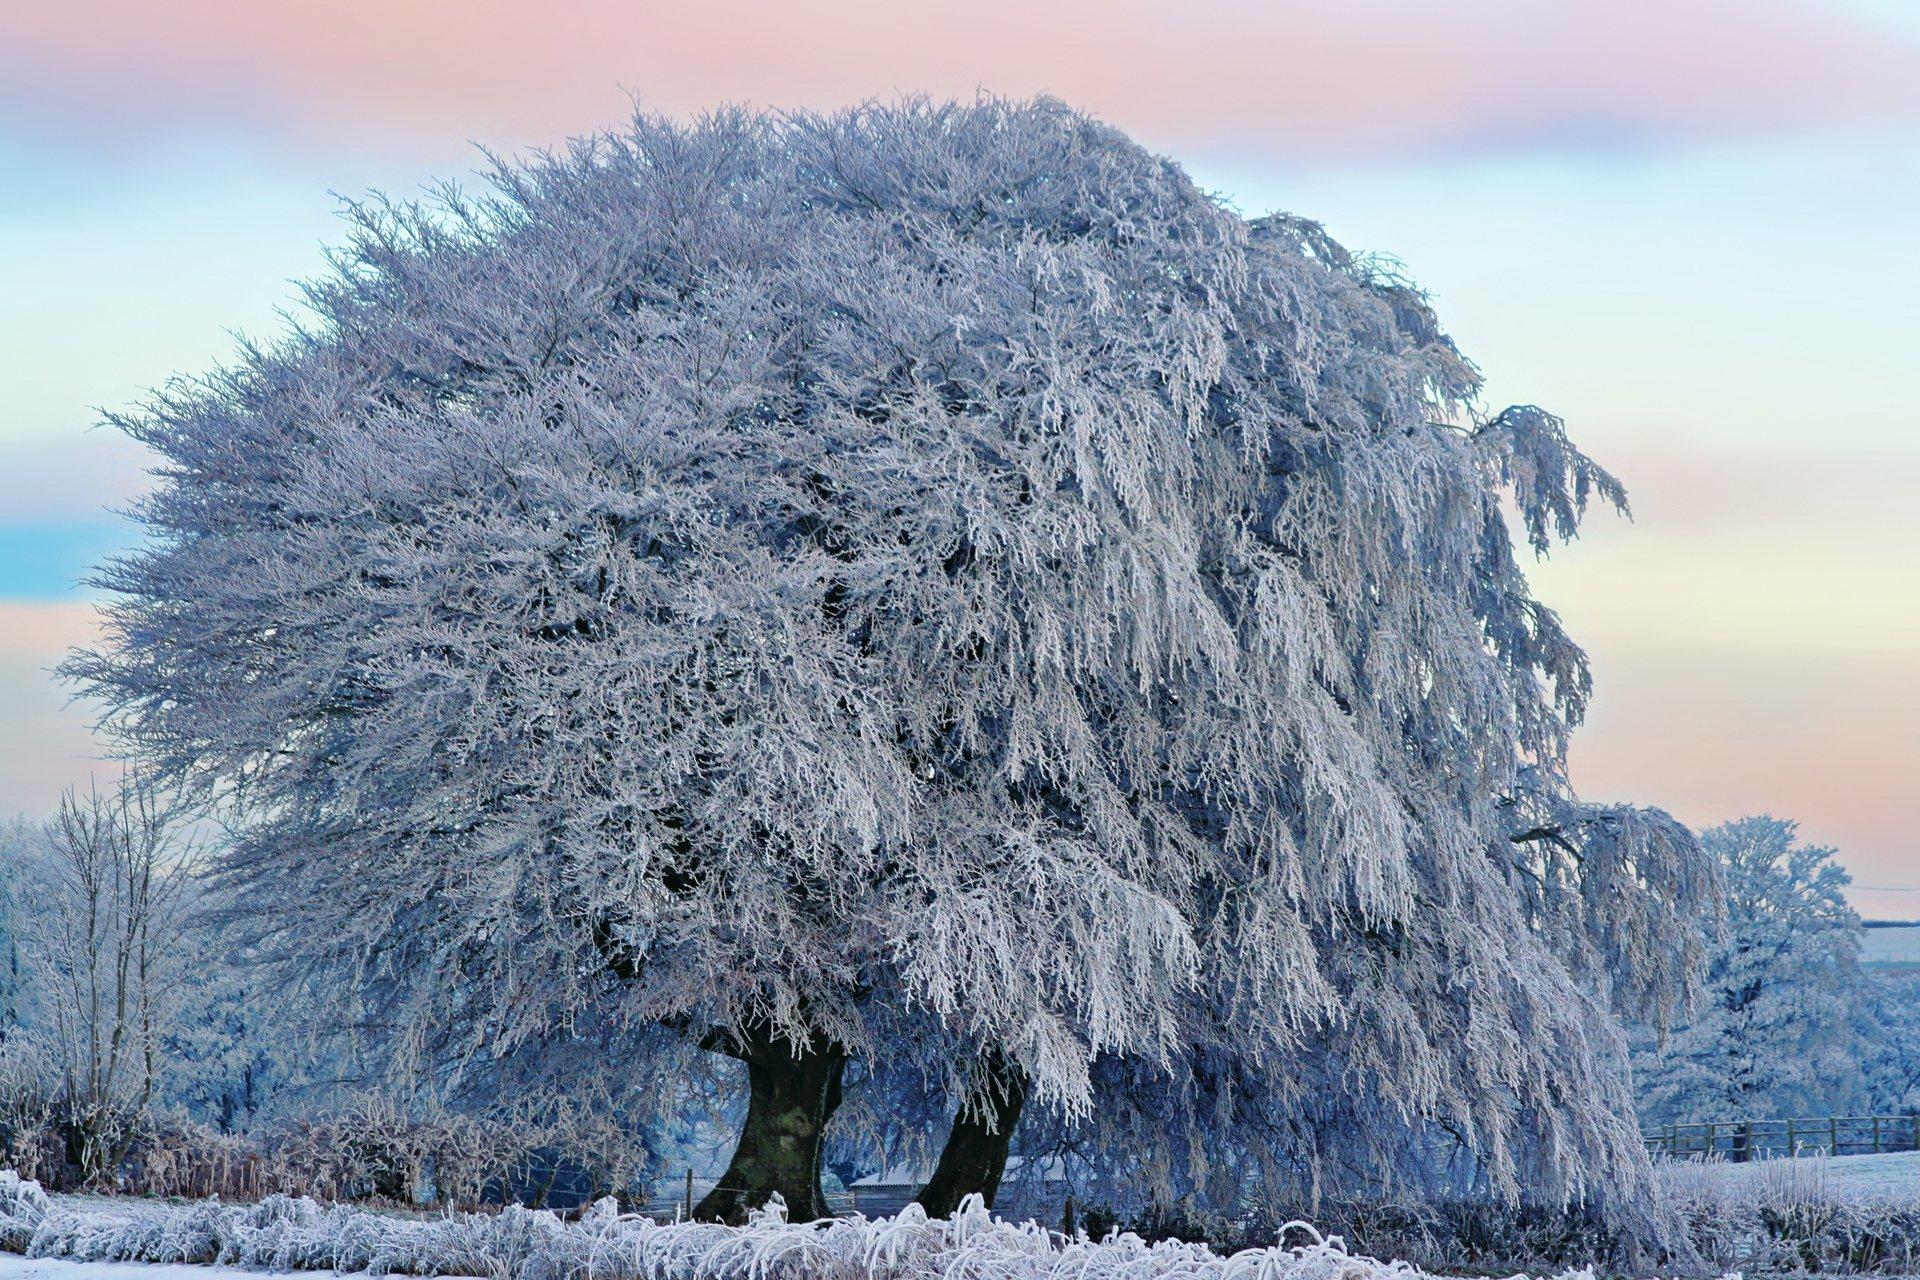 сайте есть иней на деревьях фото смогла самостоятельно найти